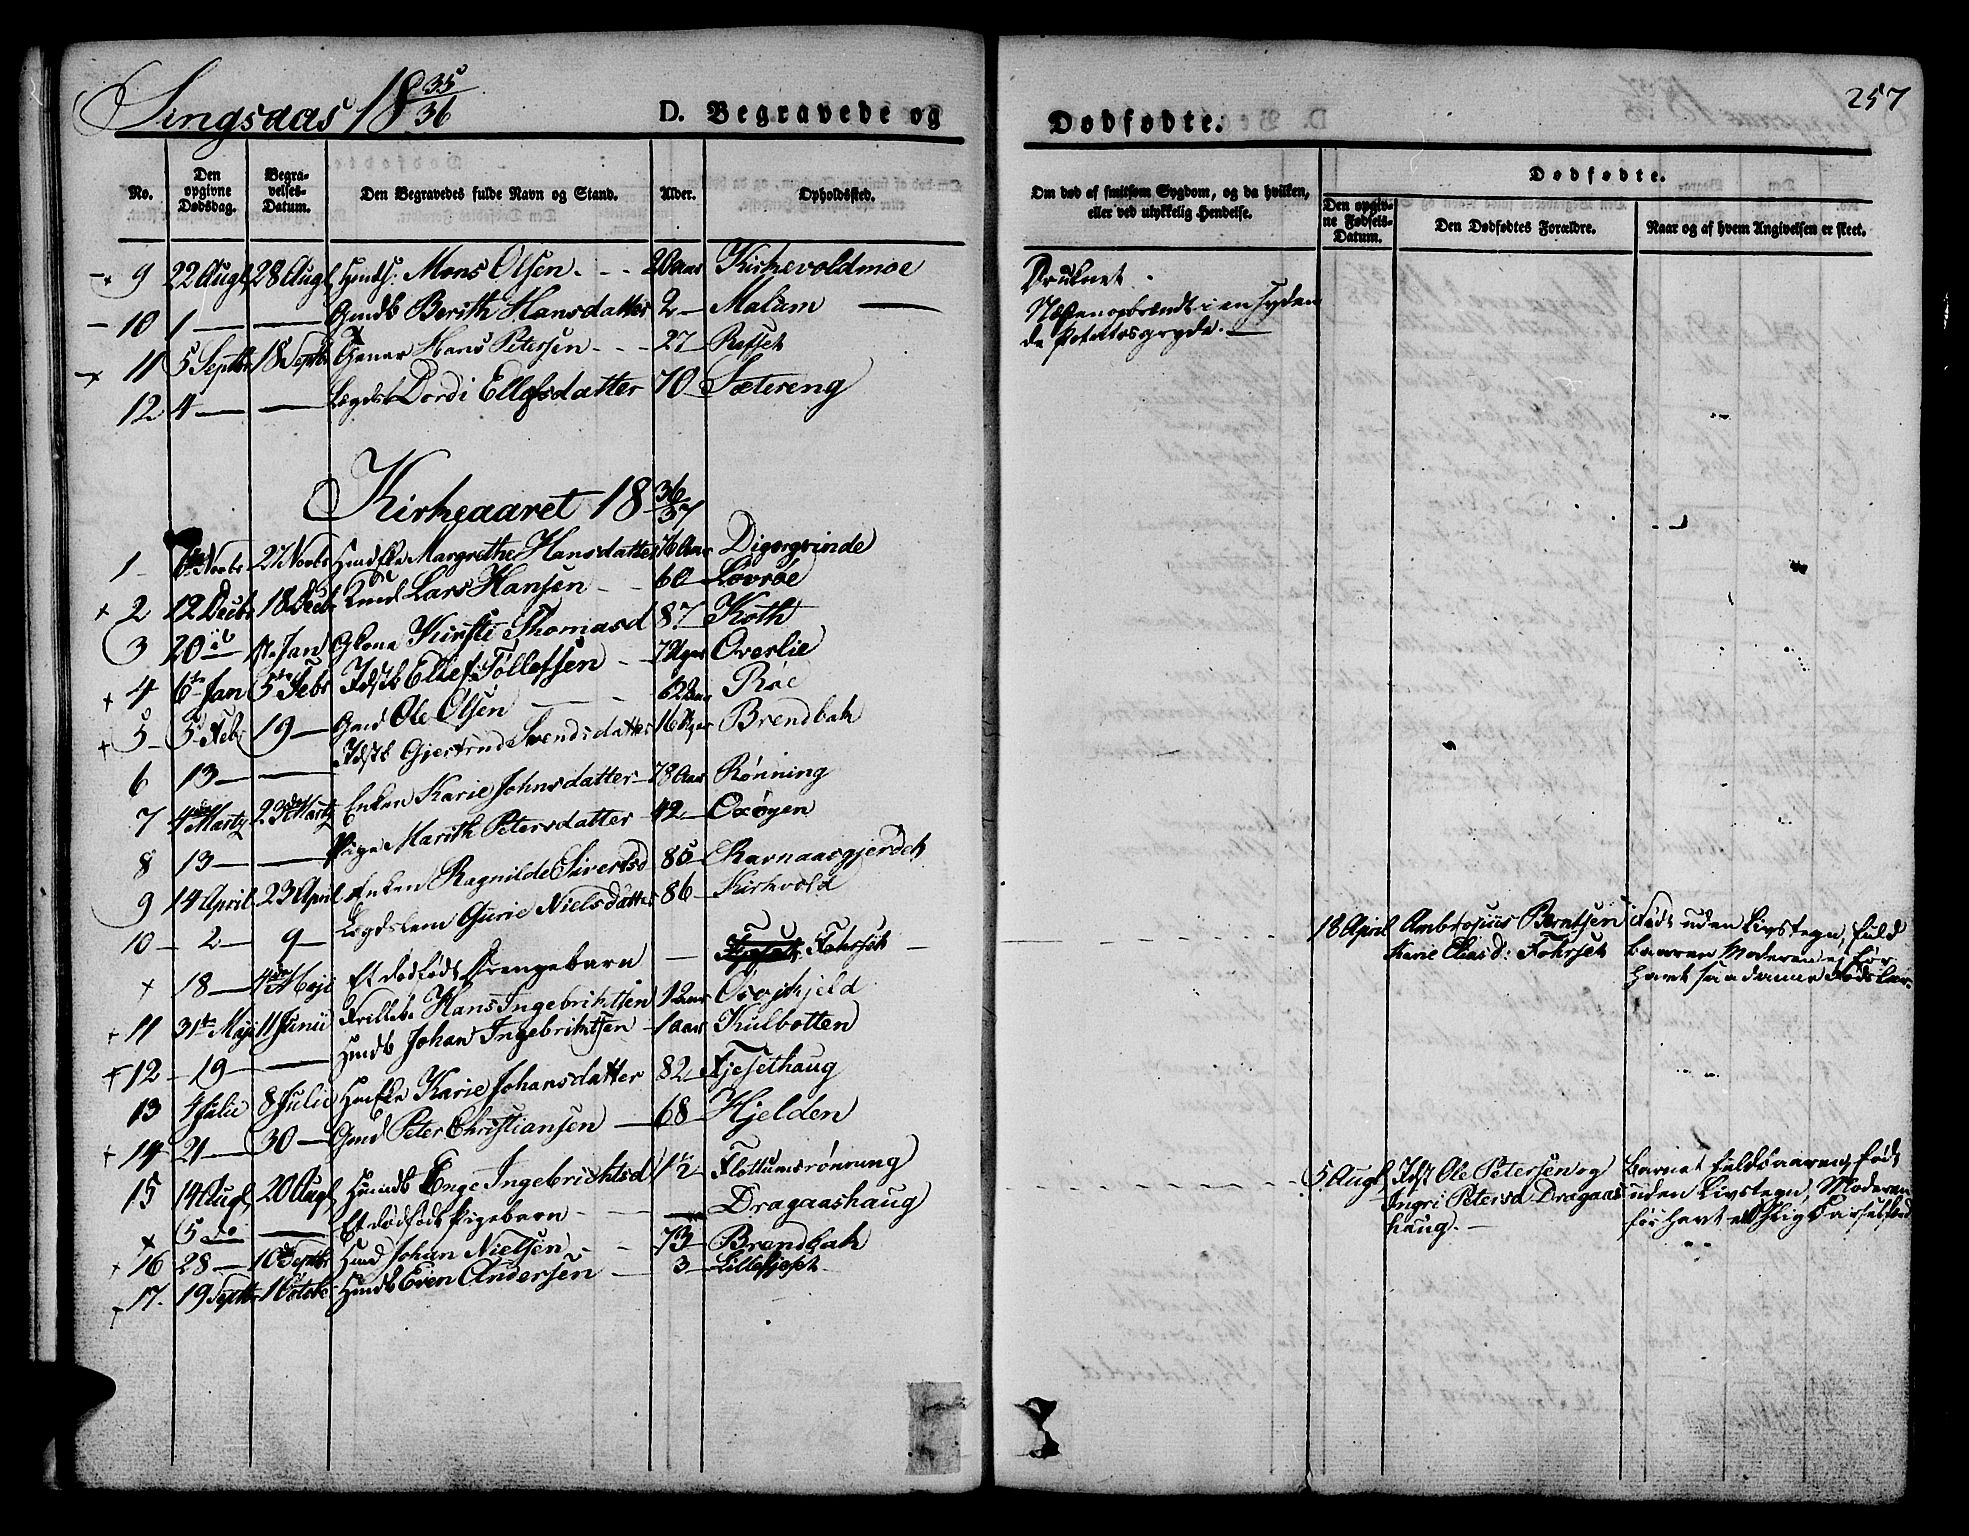 SAT, Ministerialprotokoller, klokkerbøker og fødselsregistre - Sør-Trøndelag, 685/L0961: Ministerialbok nr. 685A05 /2, 1829-1845, s. 257